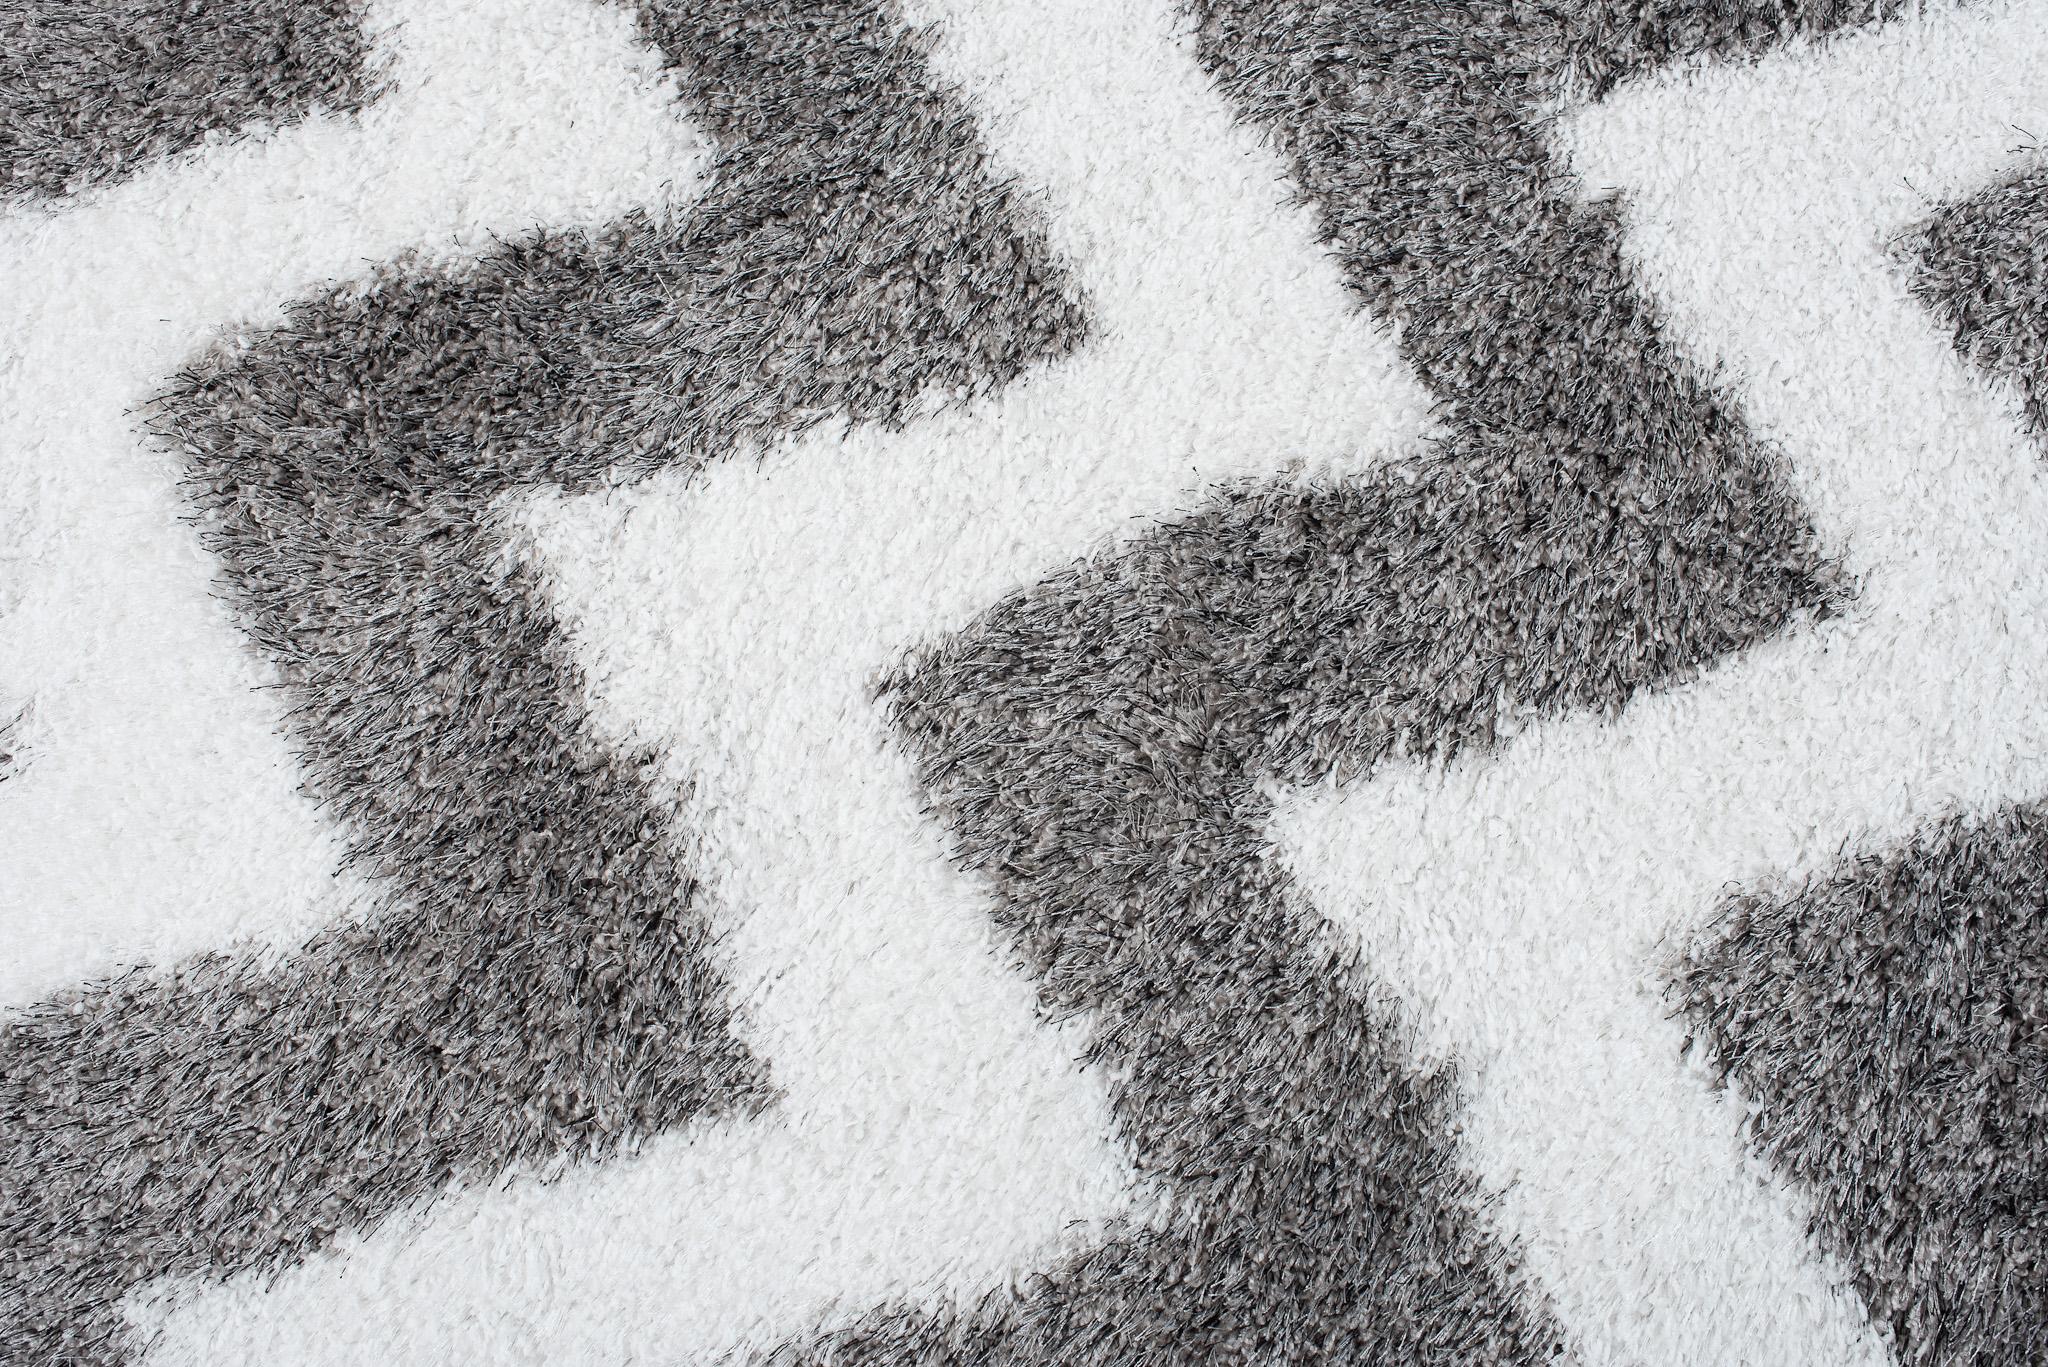 tapiso optimal teppich shaggy modern hochflor in weiss grau mit designer geometrisch zick. Black Bedroom Furniture Sets. Home Design Ideas